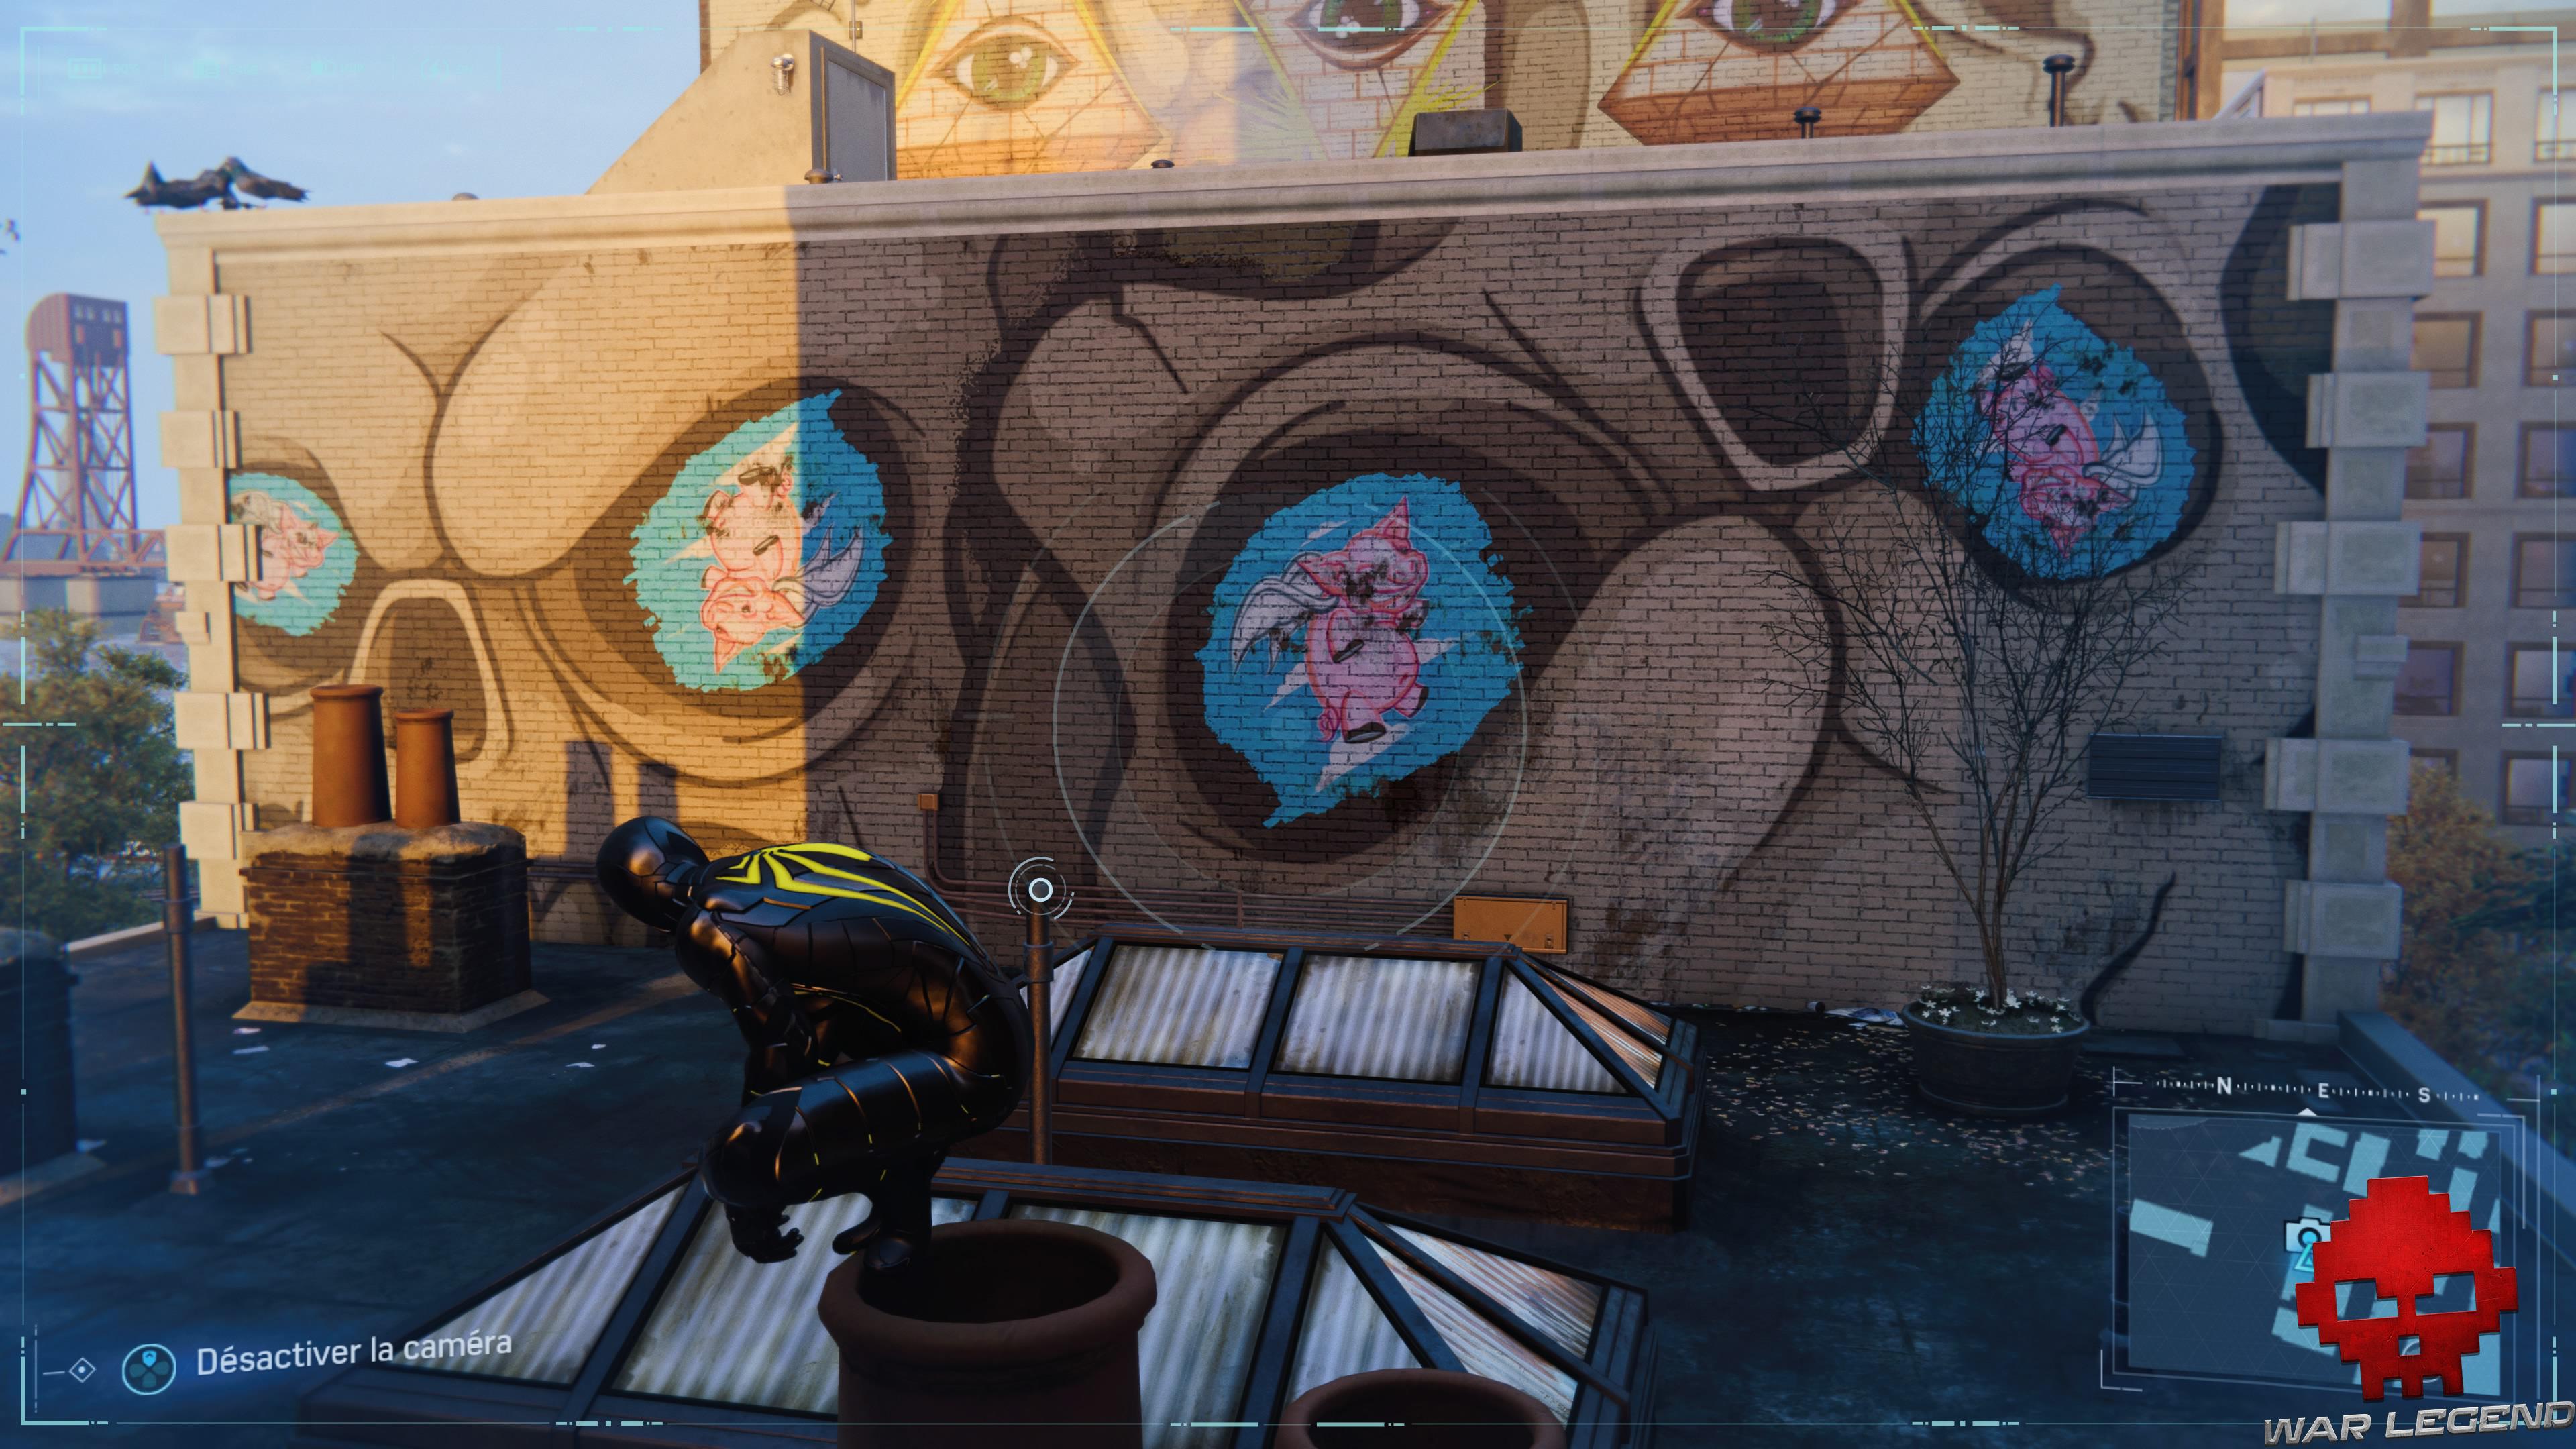 Spider-Man photo secrète - Graffiti sur les toits